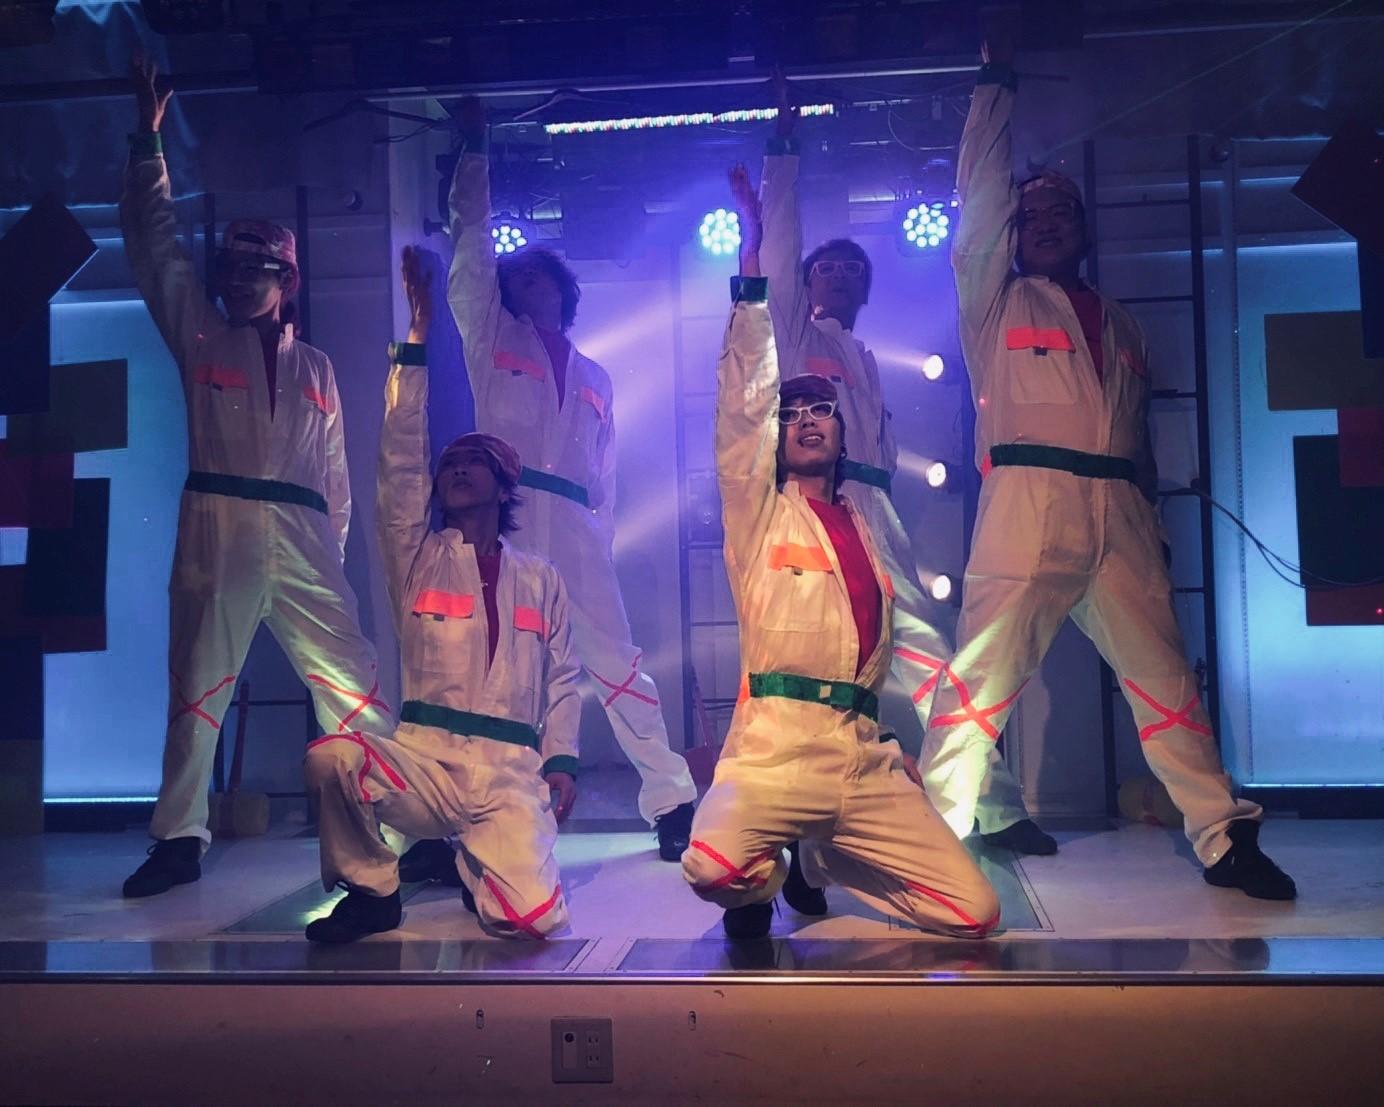 札幌 ショーパブ 大安吉日 in stage